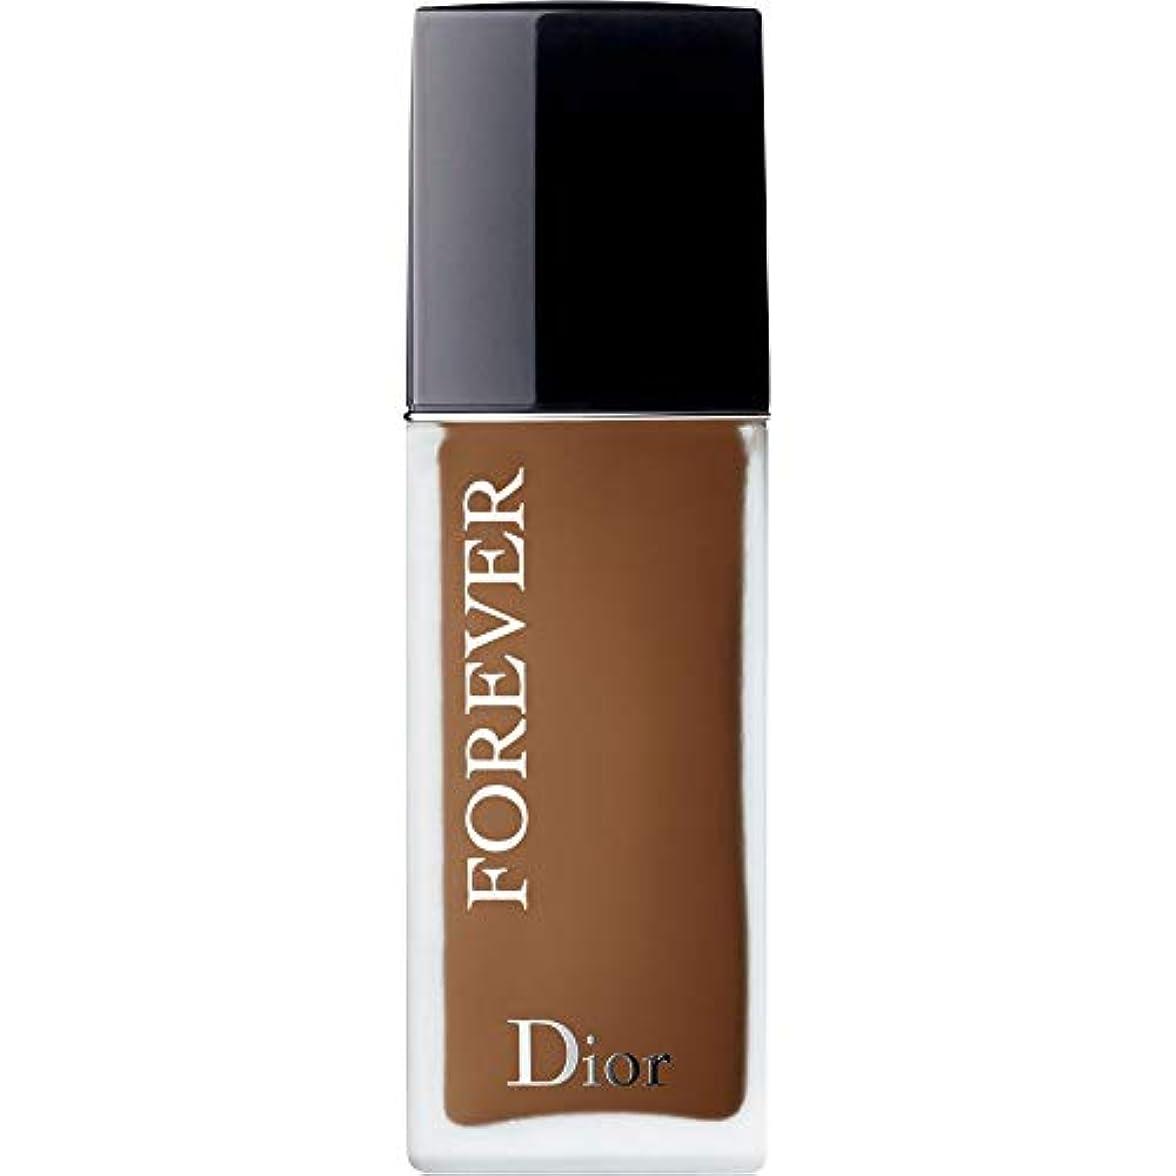 言語指令驚き[Dior ] ディオール永遠皮膚思いやりの基盤Spf35 30ミリリットルの7.5N - ニュートラル(つや消し) - DIOR Forever Skin-Caring Foundation SPF35 30ml 7.5N...